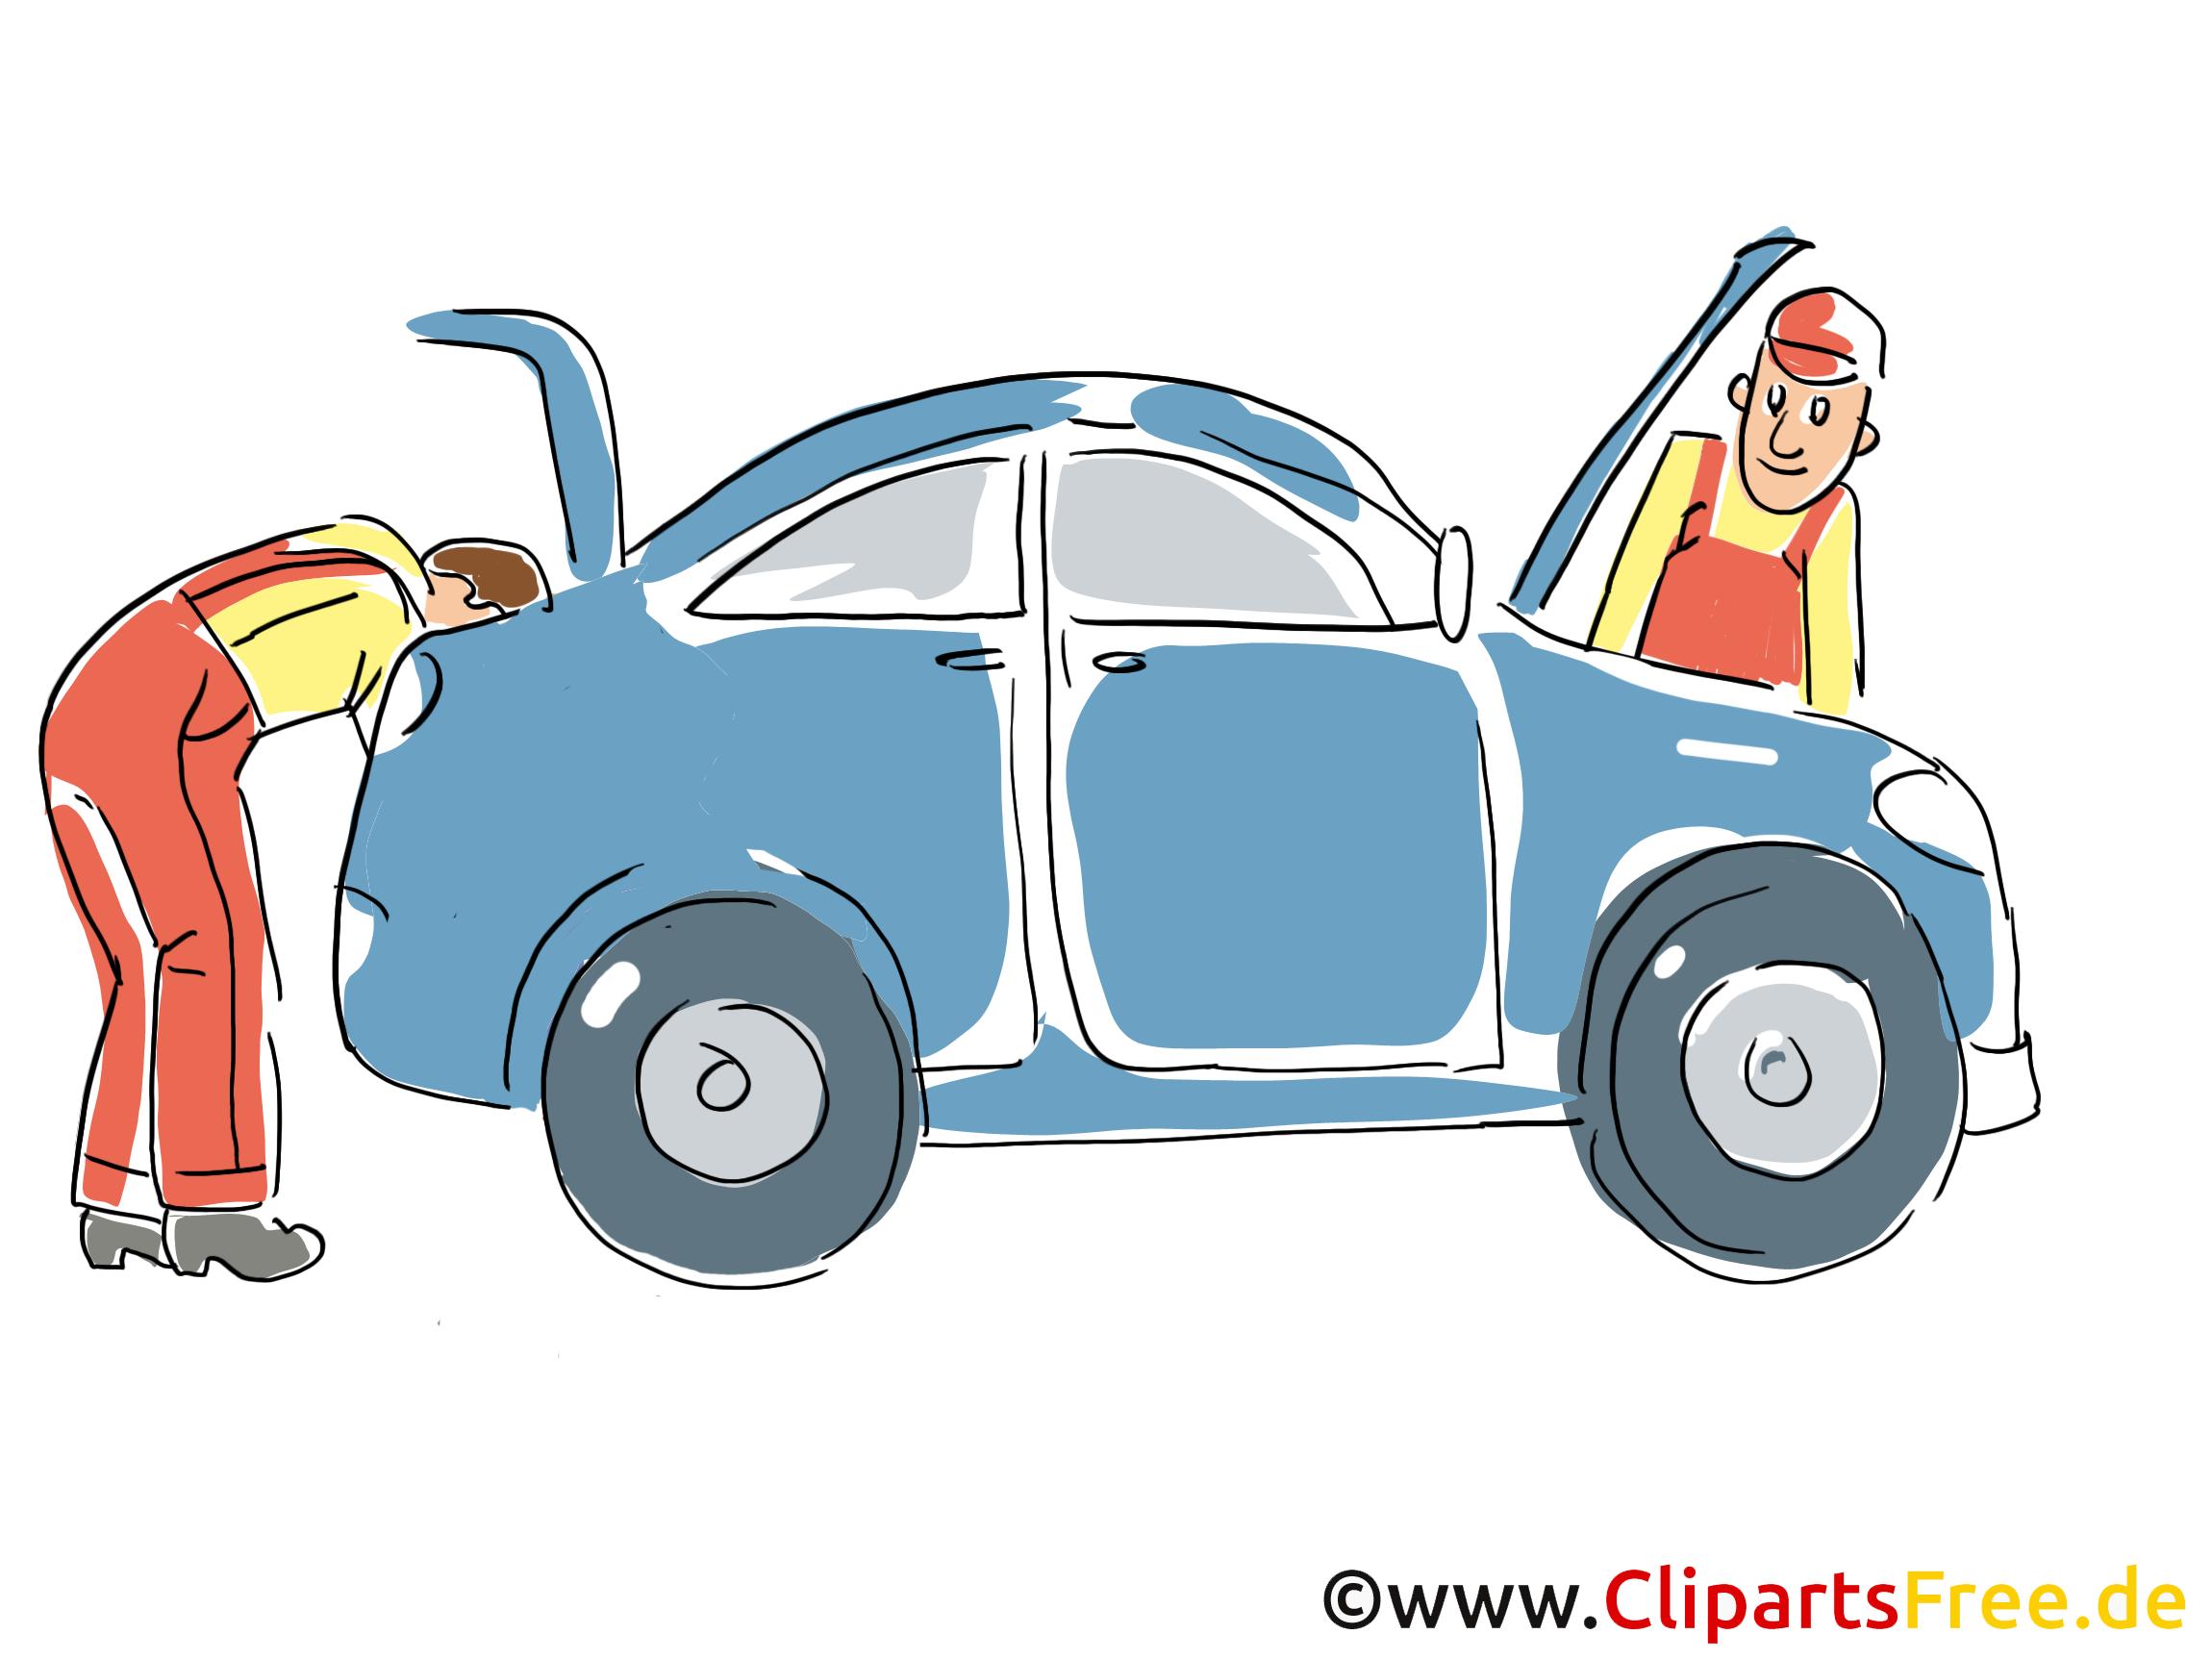 Inspektion Clipart, Service Bild, Kfz Grafik, Cartoon, Illustration gratis